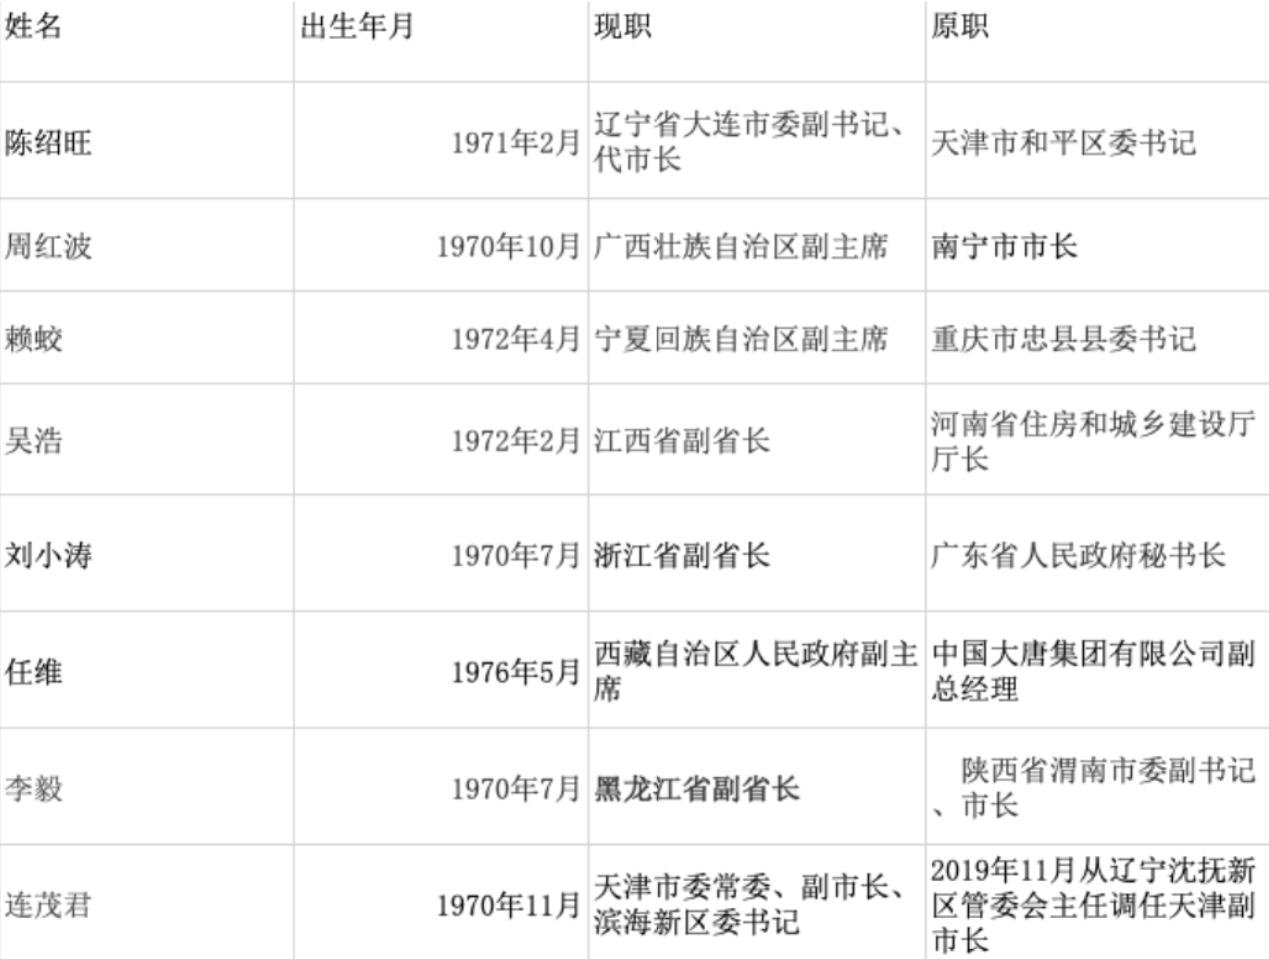 3月以来8名70后副部履新,最年轻省部级官员纪录刷新